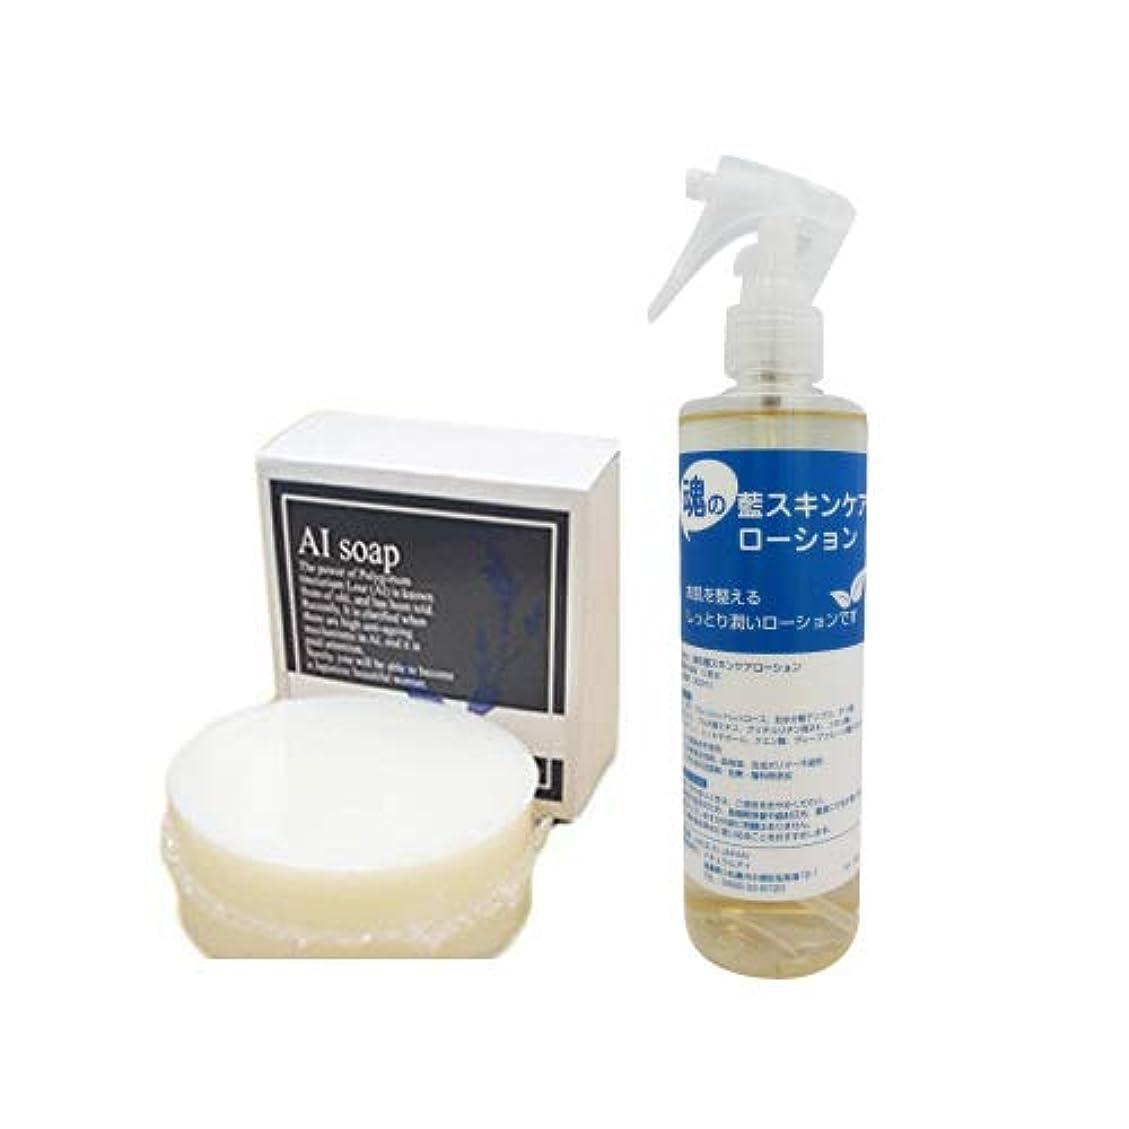 藍石鹸(AIソープ)100g+藍スキンケアローション300mlセット 美肌の「藍」セット(無添加ノンケミカル)肌乾燥?肌トラブルにおススメ